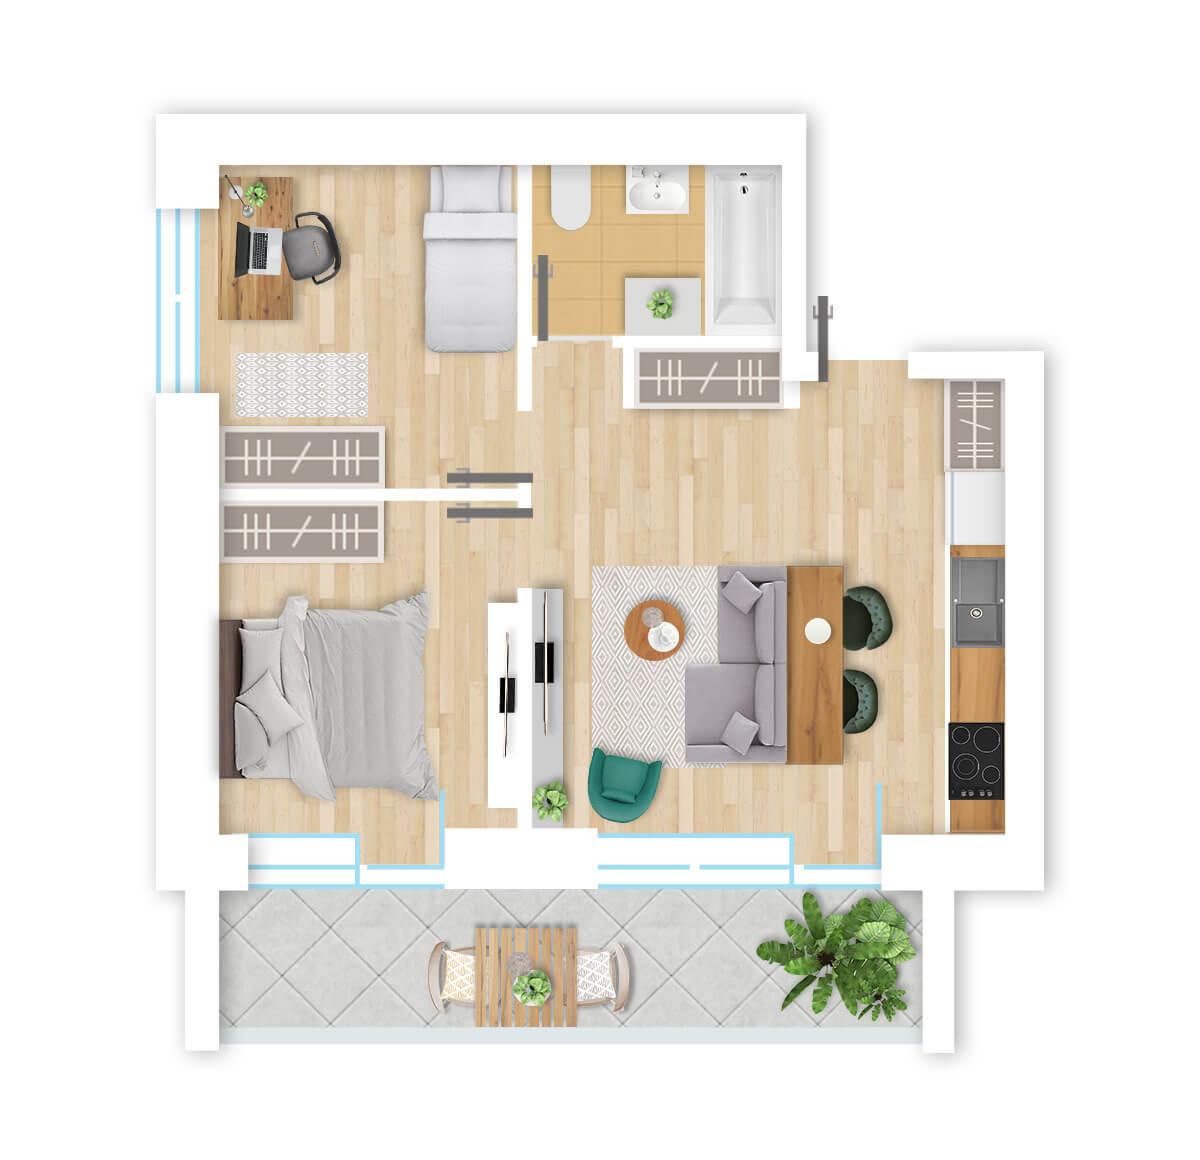 parduodamas butas Lazdynėlių g. 16A - 19 Vilniuje, buto 3D vaizdas